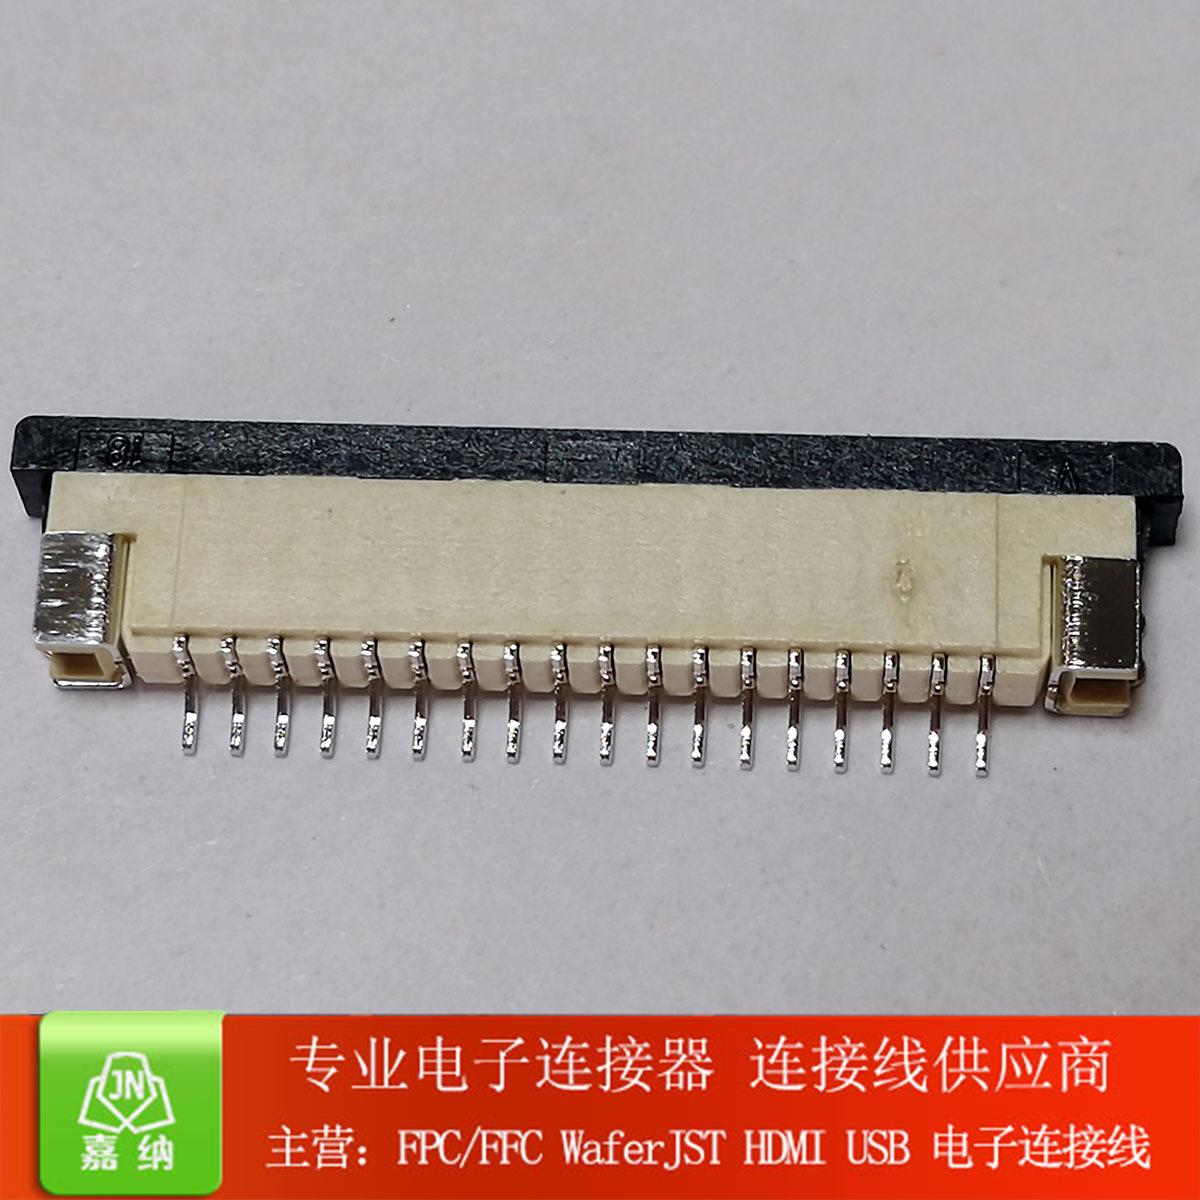 LED屏连接器 FPC FFC电脑主板连接器 f